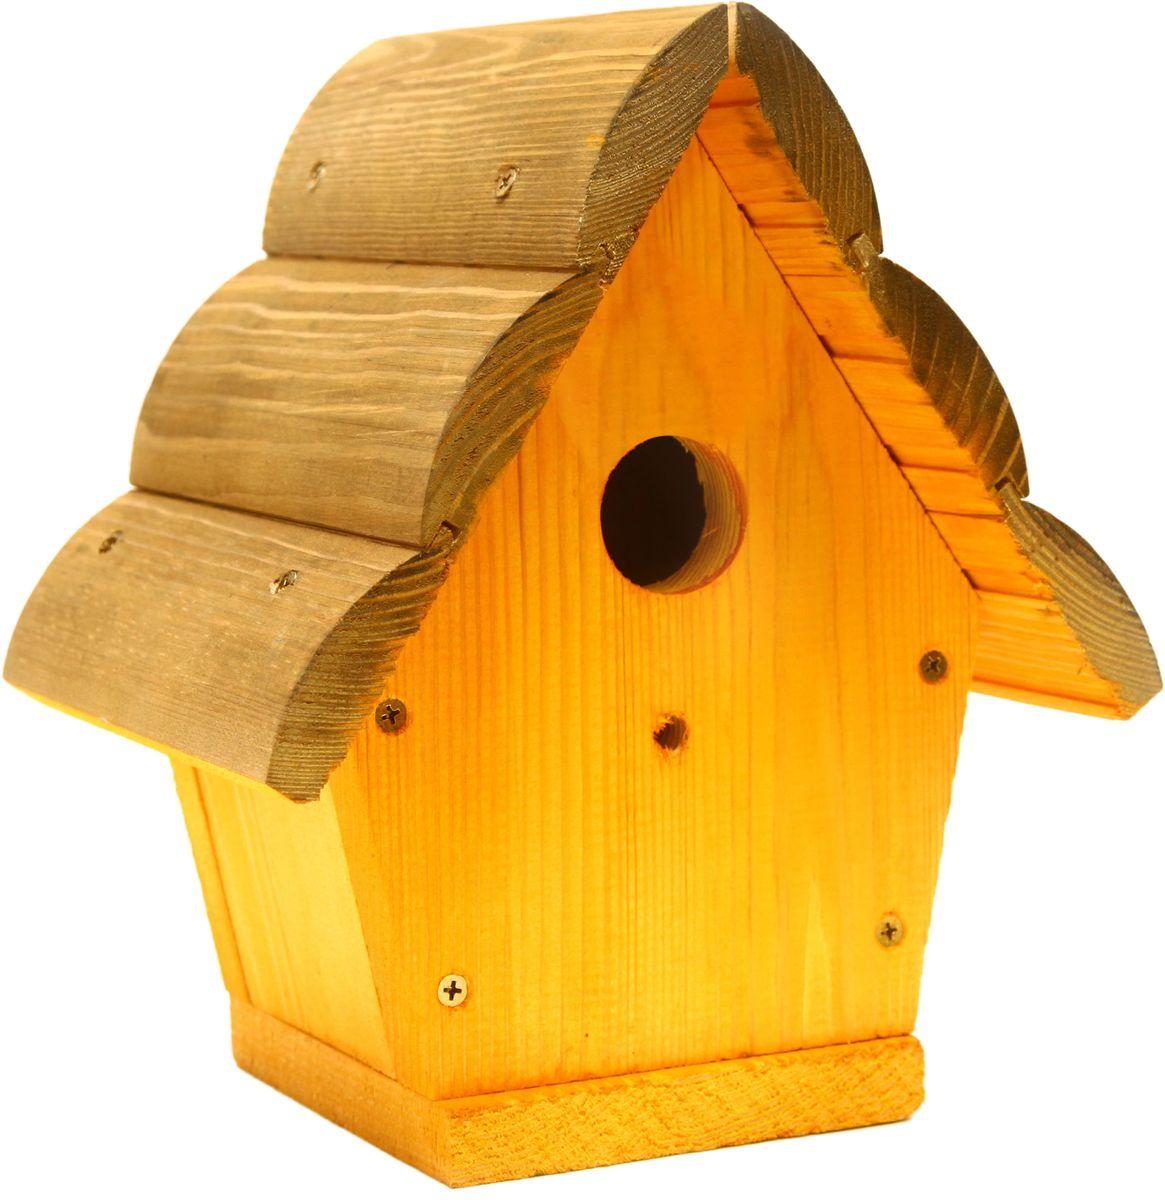 Домик для птиц Proffi. PH8475PH8475Домик для птиц Proffi выполнен из дерева. Изделие предназначено для укрытия или послужит кормушкой для птиц. Такой домик украсит ландшафт вашего приусадебного участка, придаст ему оригинальность и самобытность или станет отличным дополнением к клетке.